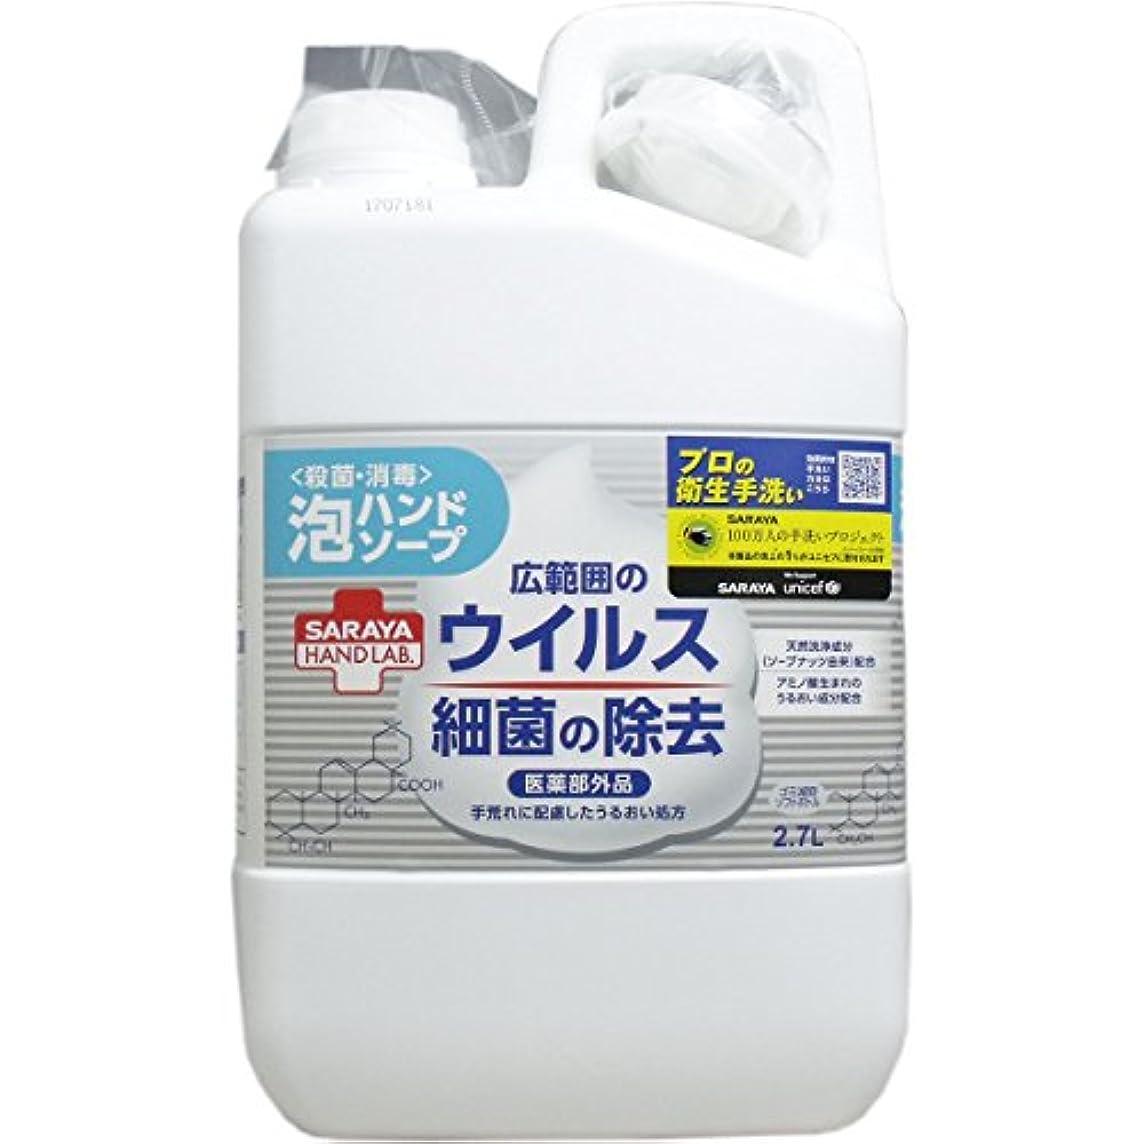 博物館うま炭素ハンドラボ 薬用泡ハンドソープ 詰替用 2.7L